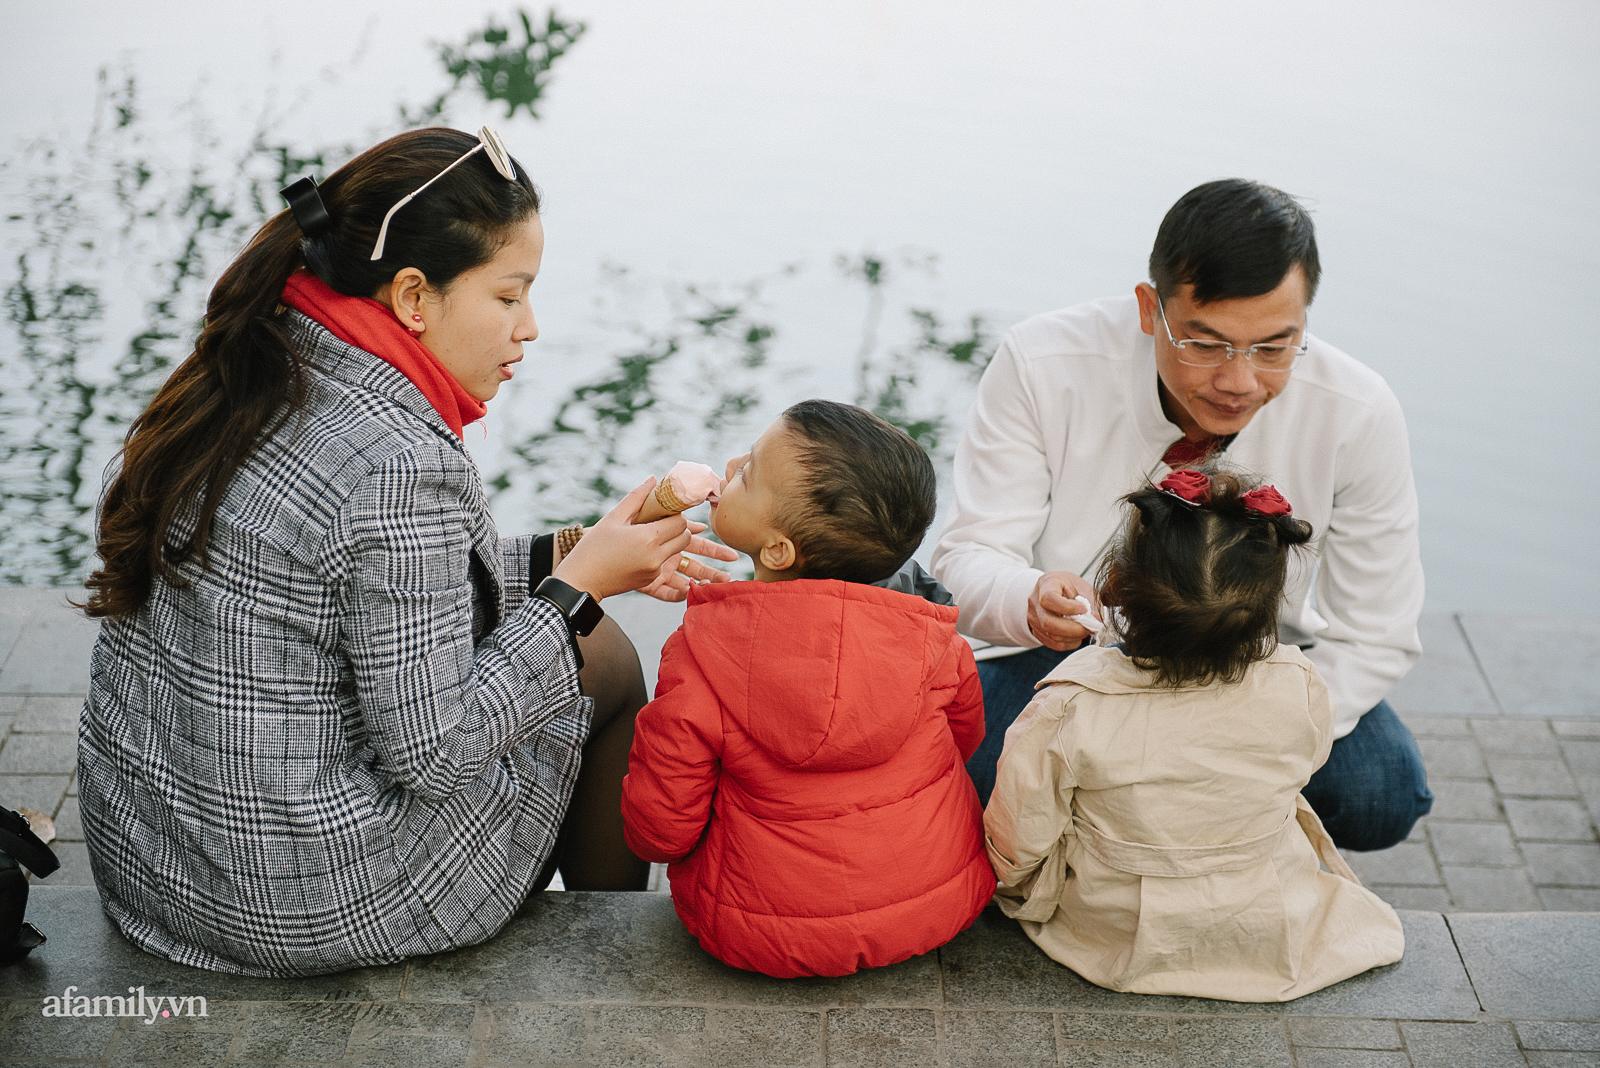 Ăn kem mùa đông ở Hà Nội, thú vui chỉ ai yêu mùa đông mới hiểu - Ảnh 5.